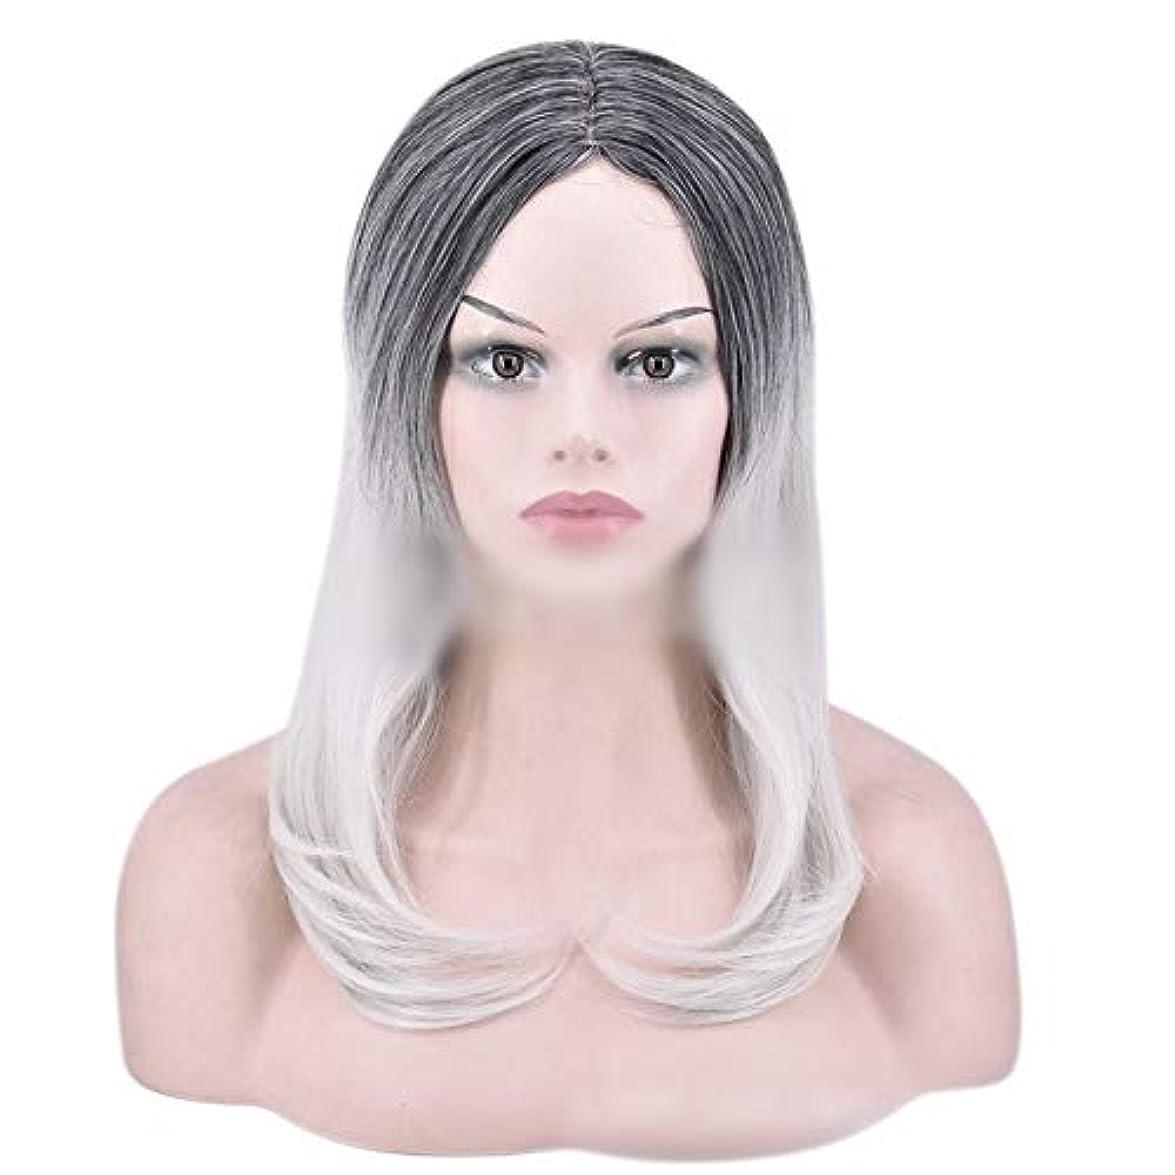 自分マッシュハロウィンYOUQIU 女性のかつらのために自然なダークルーツロングオンブルグレーウィッグストレート髪の合成かつら (色 : グレー)